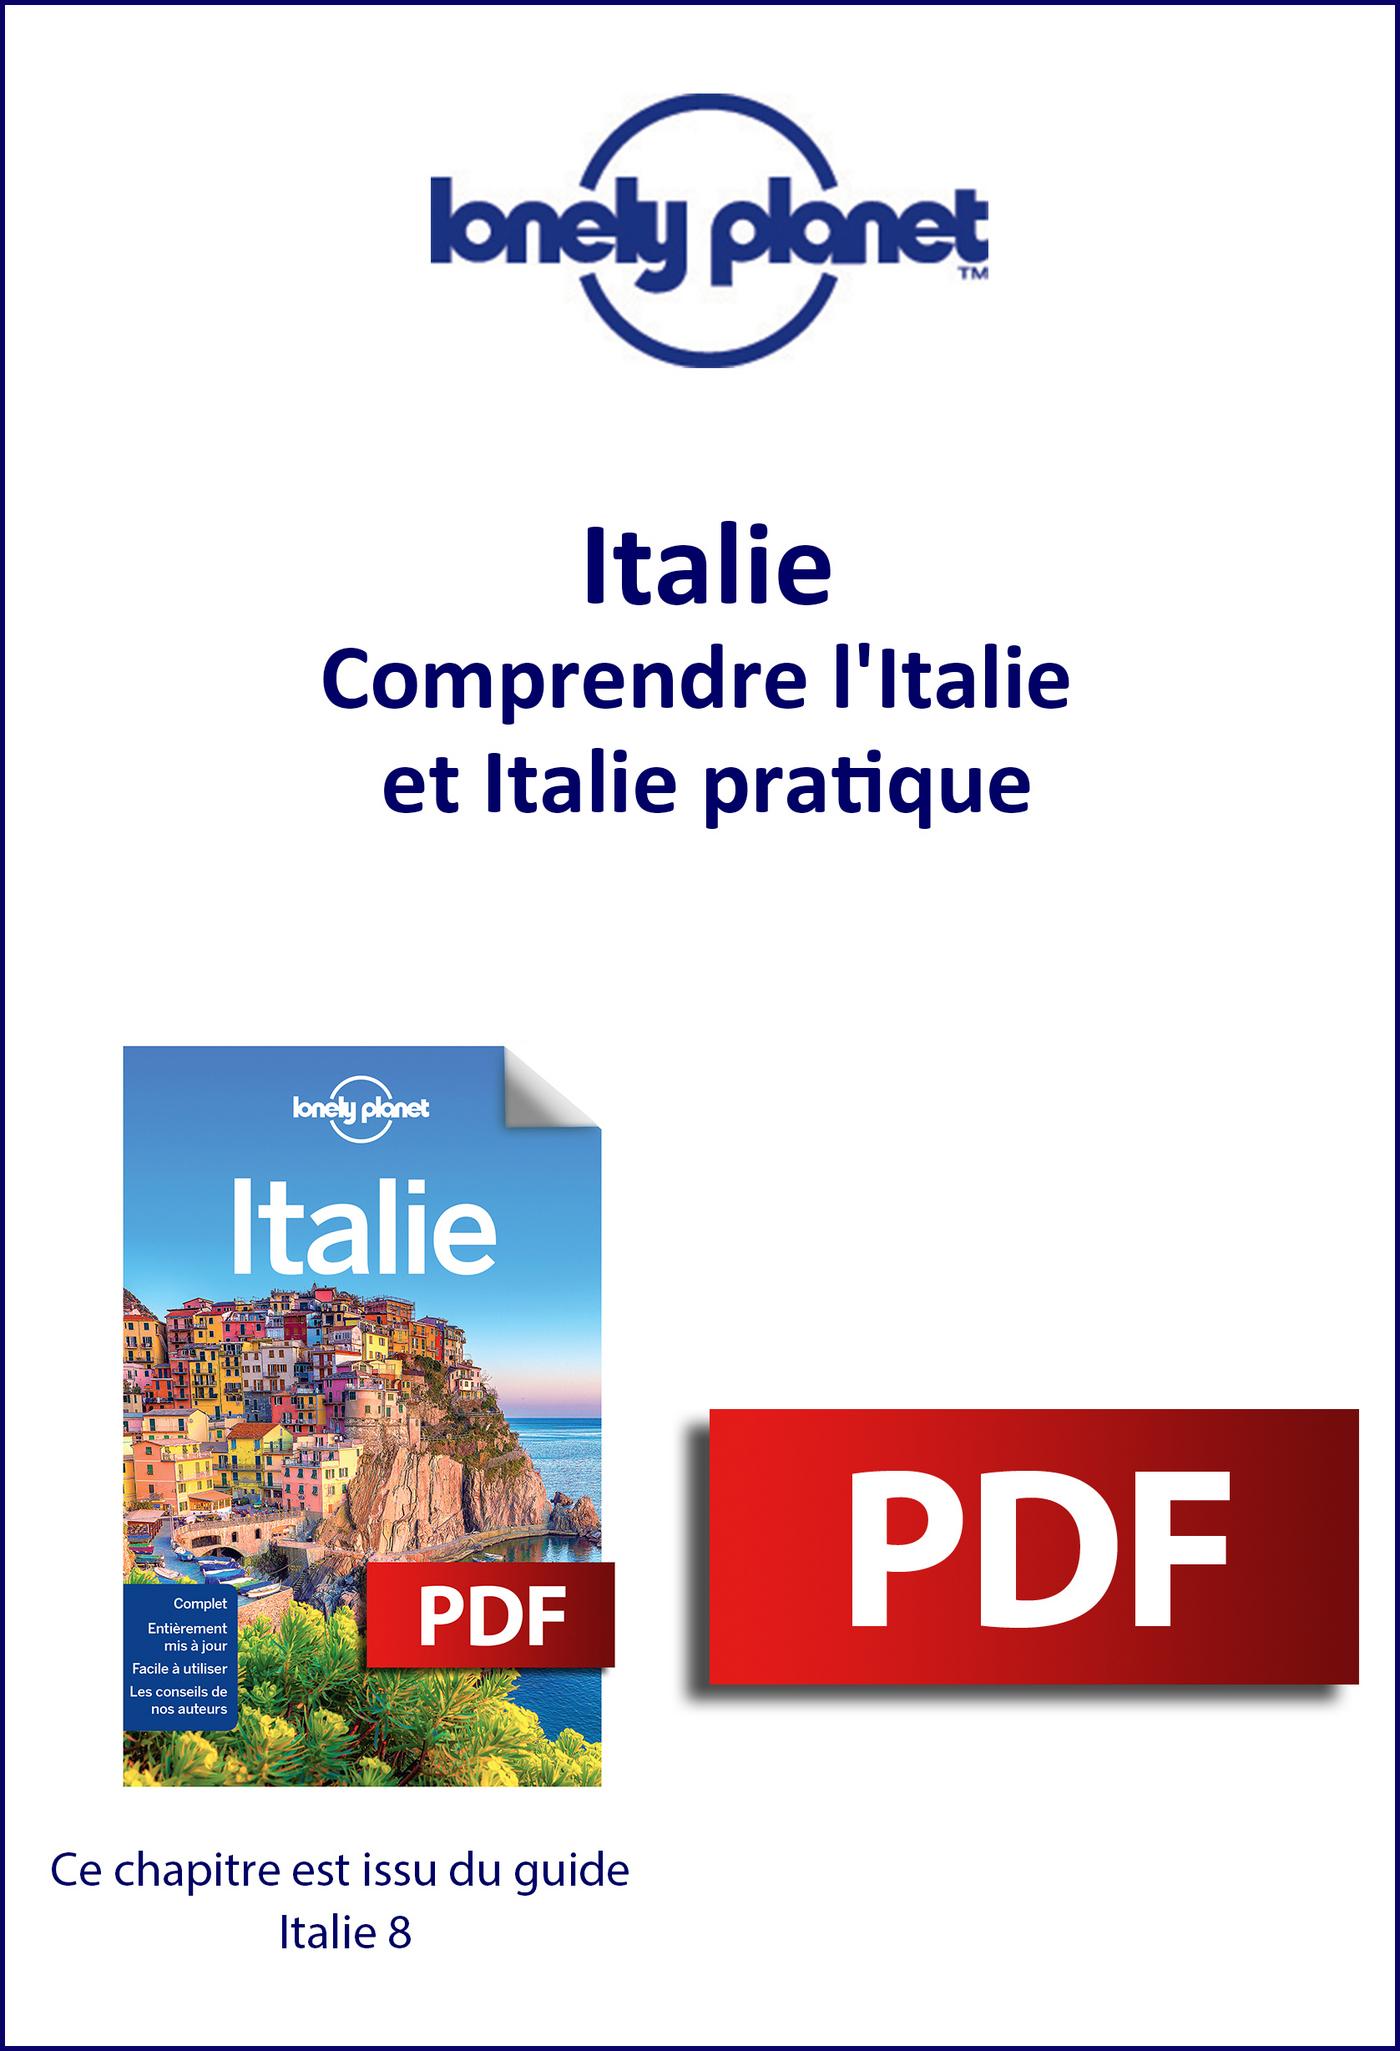 Italie - Comprendre l'Italie et Italie pratique